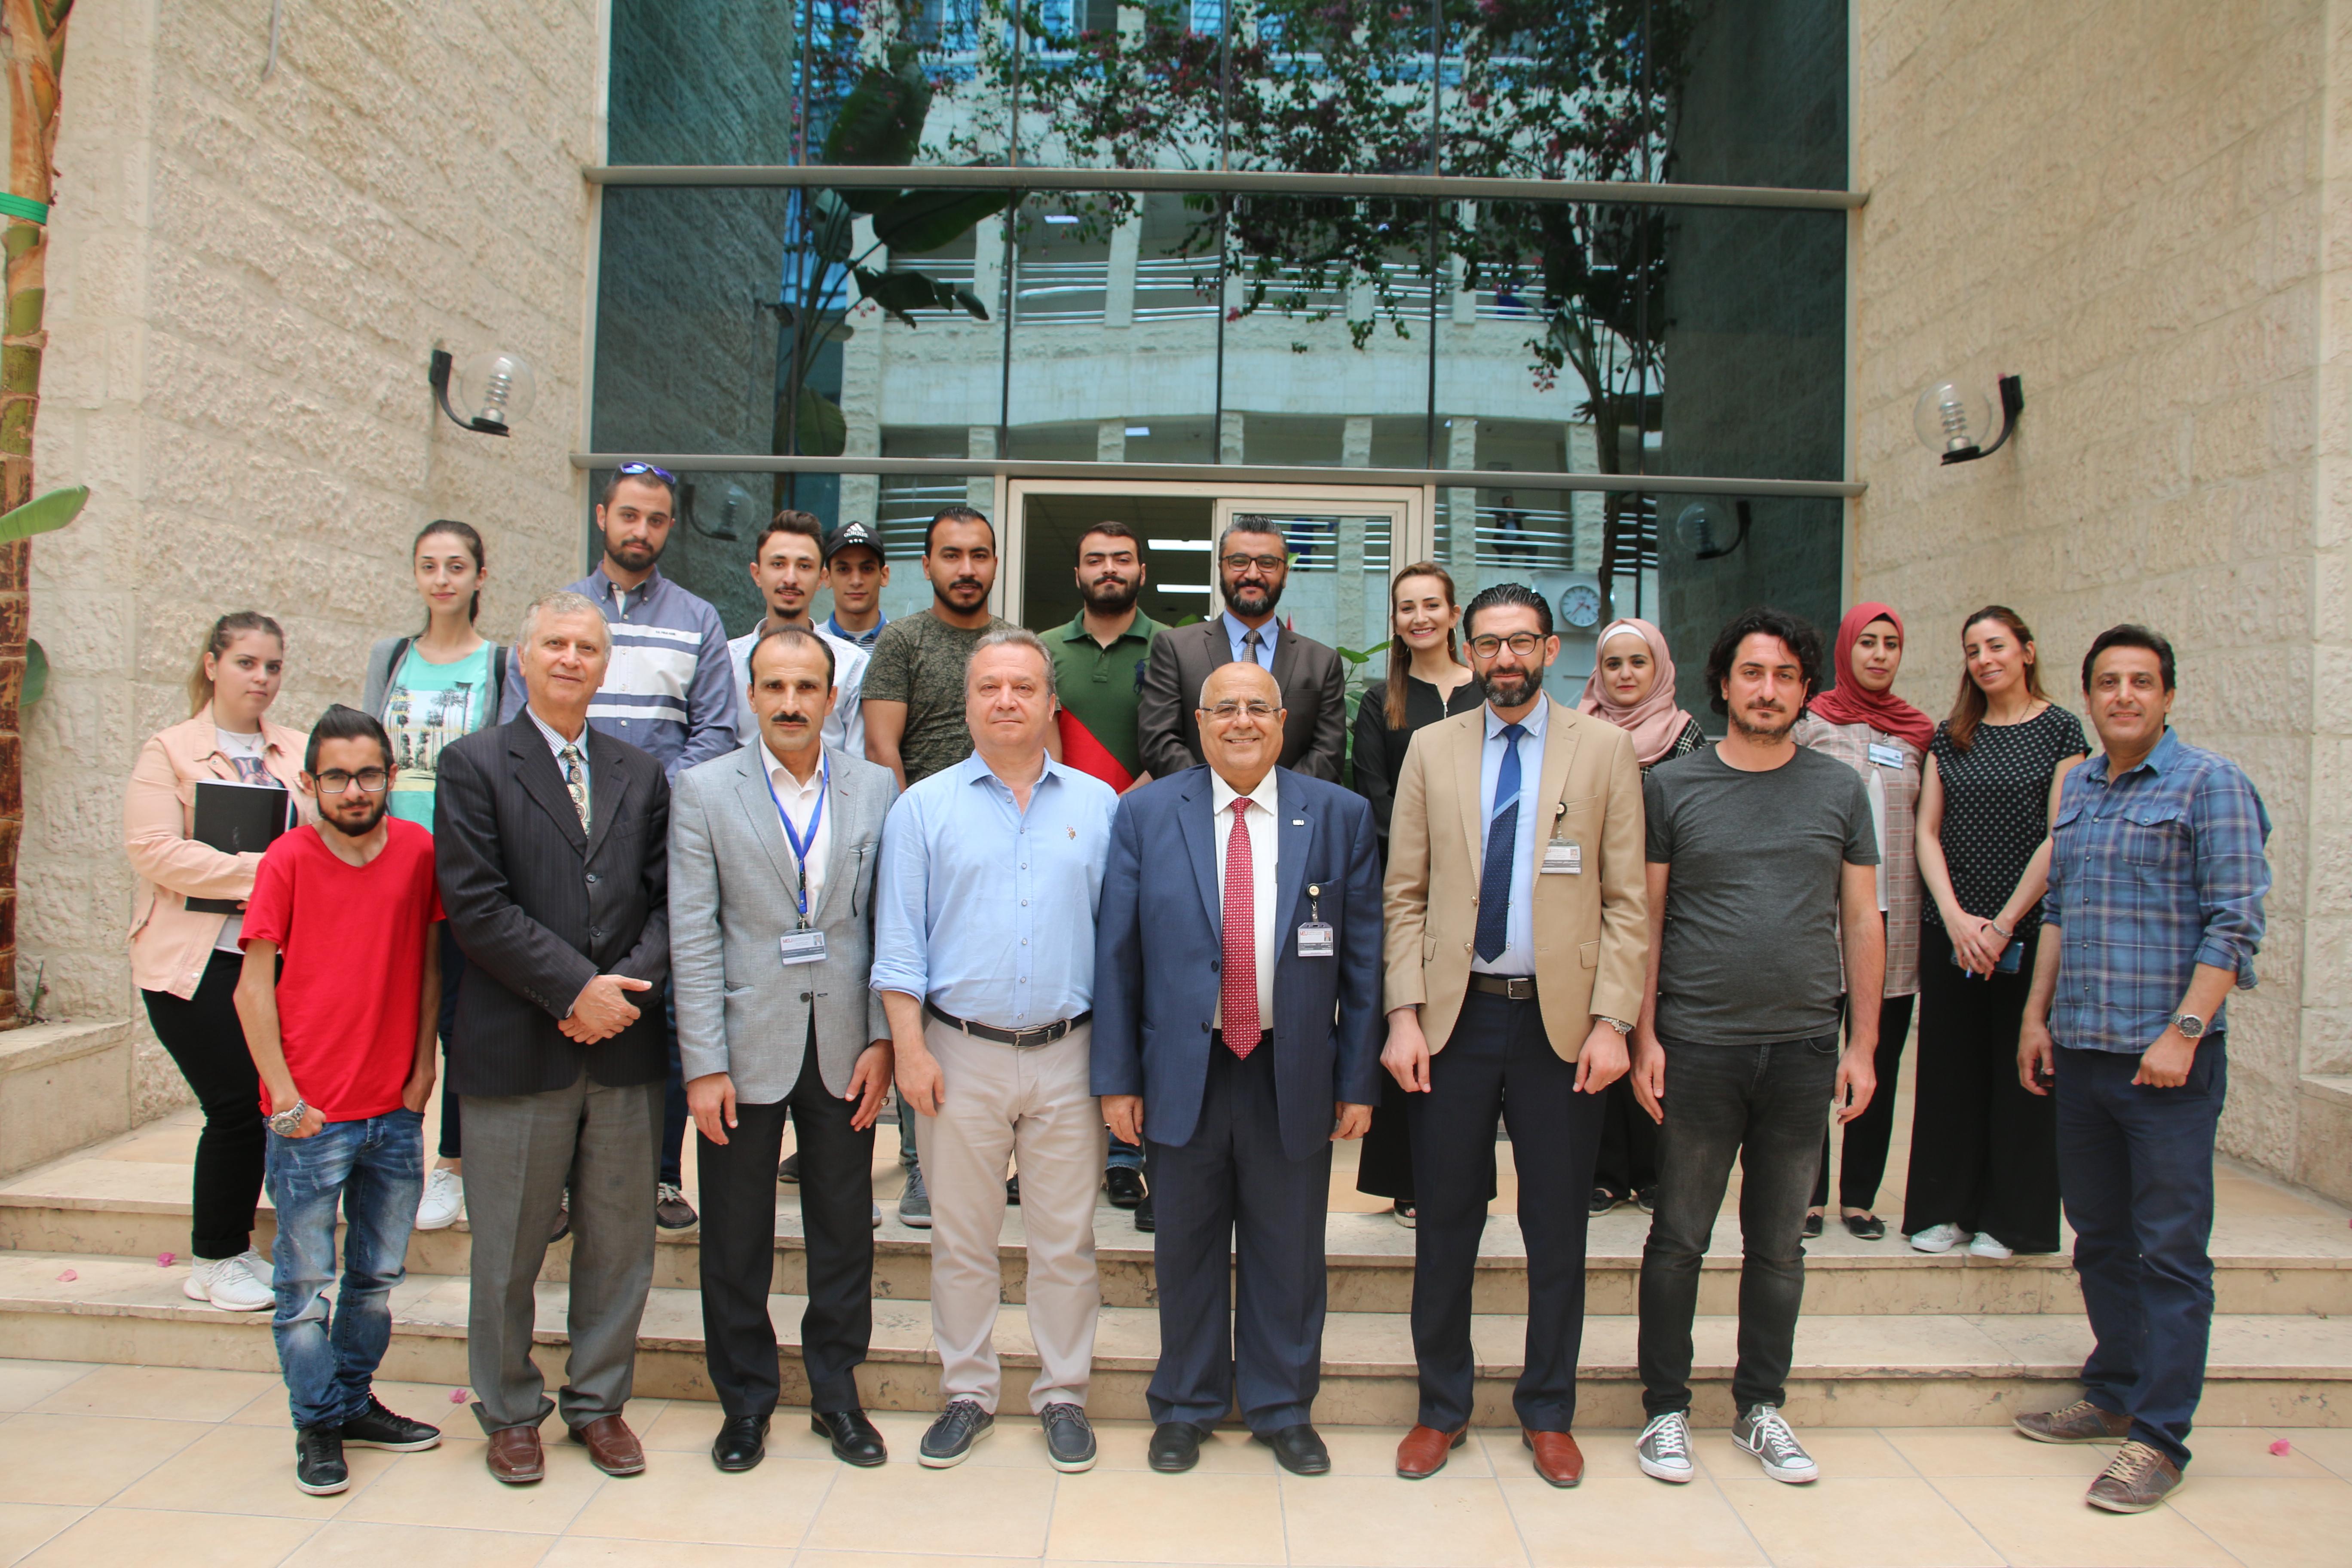 الشرق الأوسط  تستضيف محاضرات حول إدارة الأعمال ضمن مشاريع ايراسموس بلس